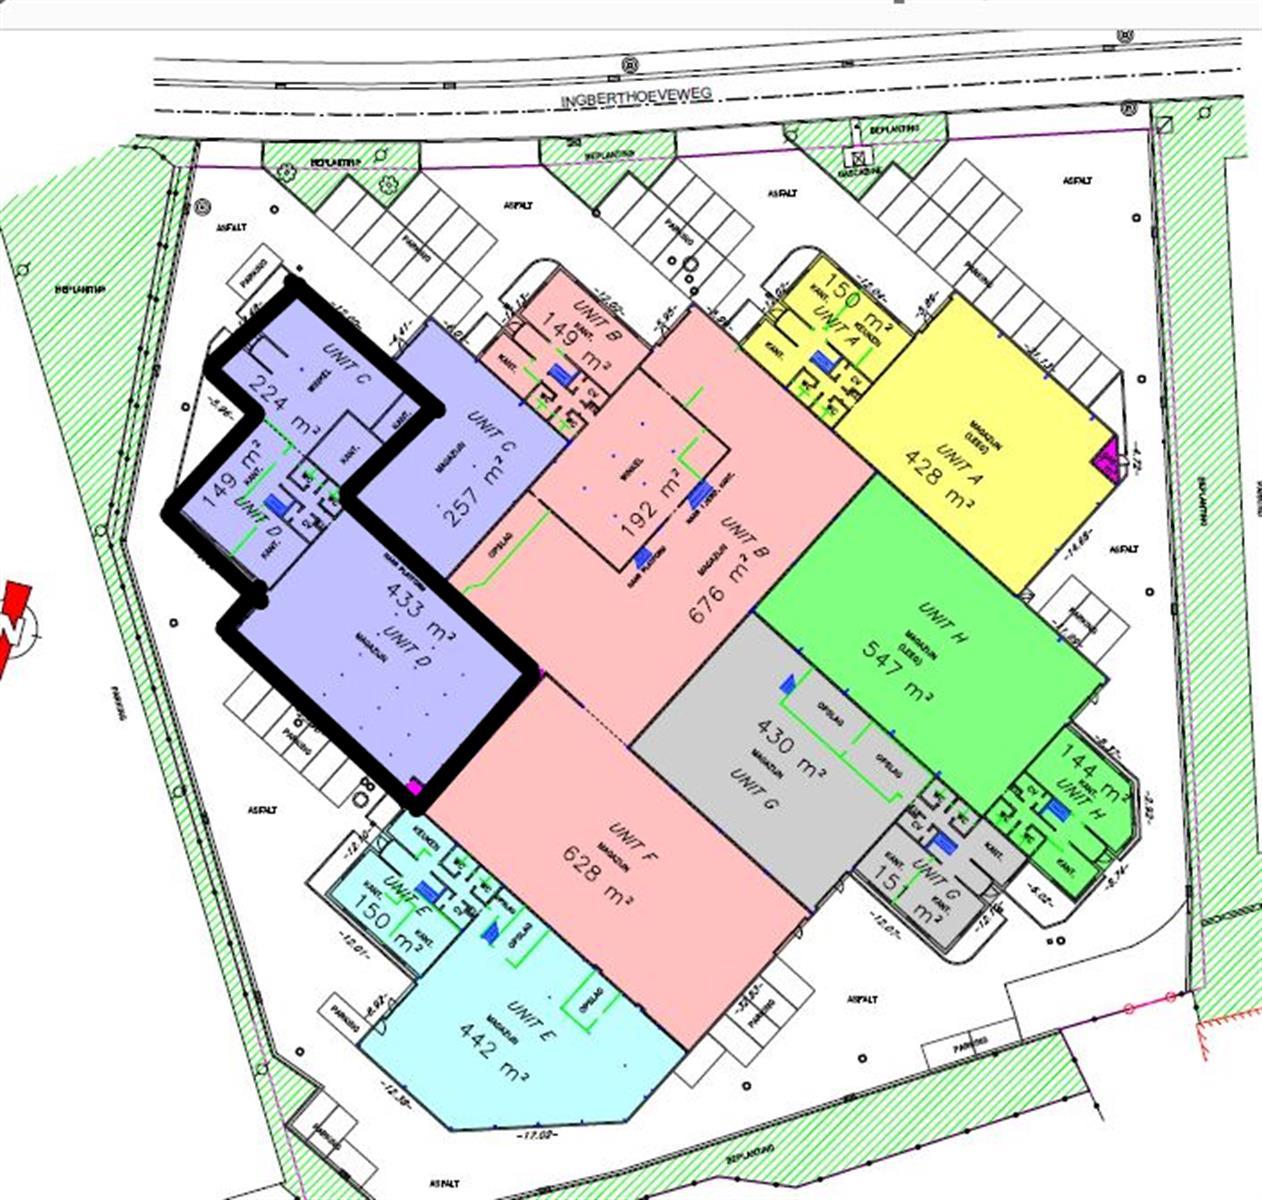 gebouw voor gemengd gebruik te huur UNIT C-D : MAGAZIJN 433 m² MET KANTOOR 373 m² Ingberthoeveweg 3